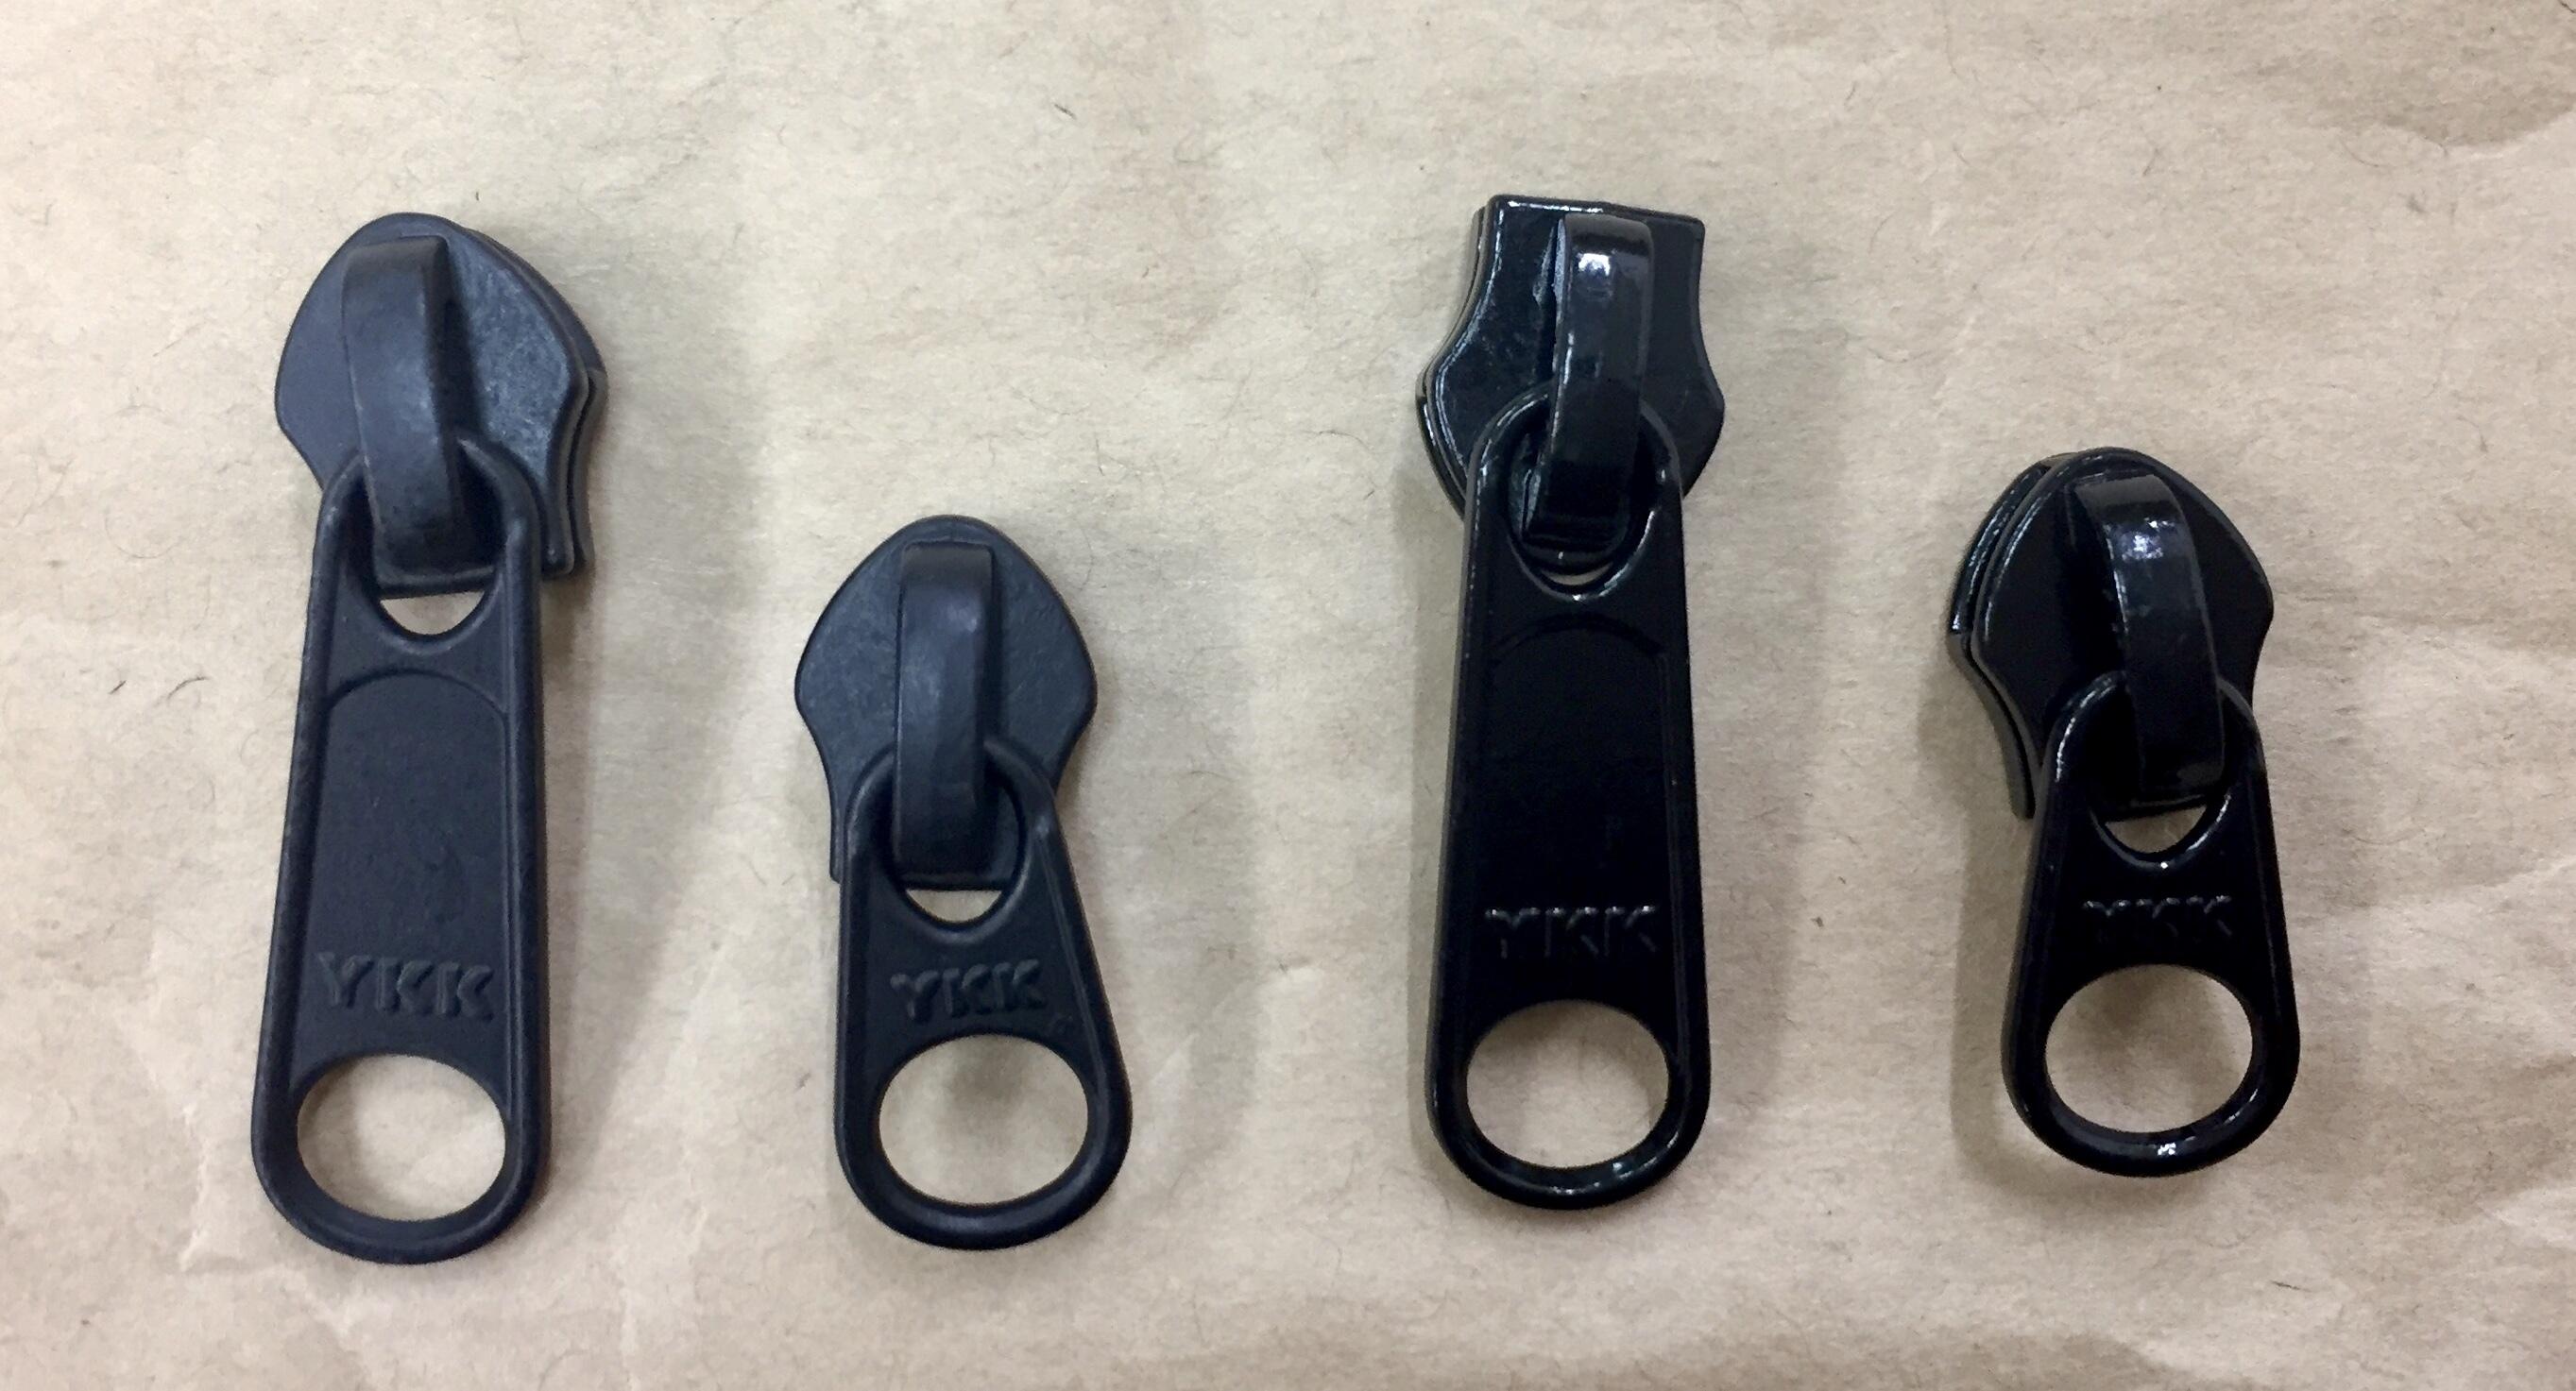 YKK スライダー 止水ファスナー アクアガード用  5c DFL (引手長め) つやあり/つやなし 10個入り